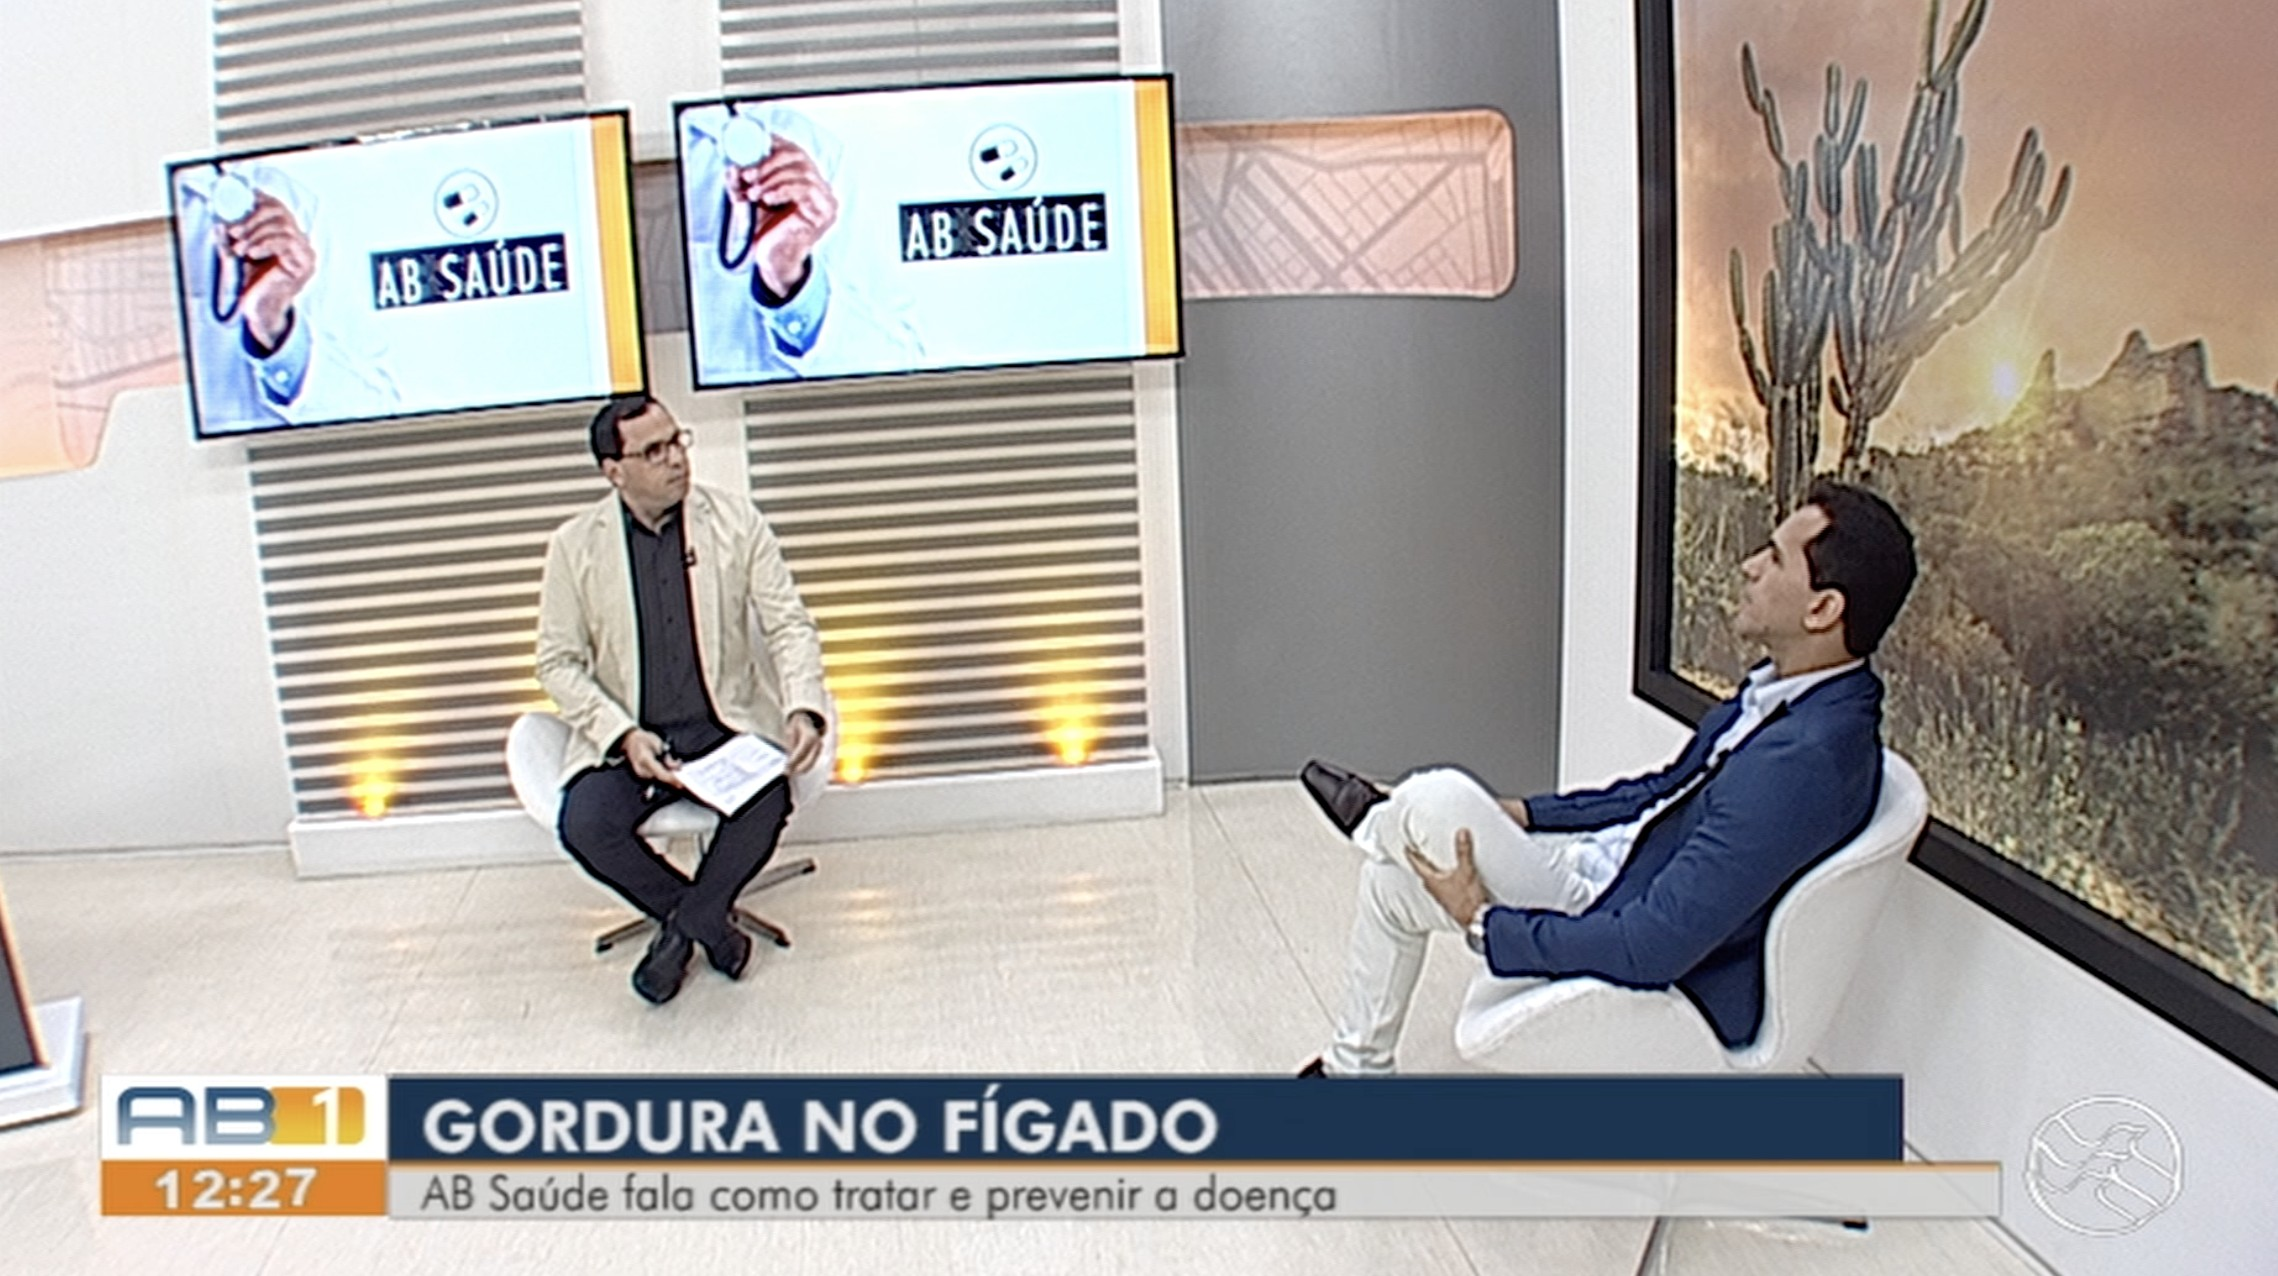 Endocrinologista fala sobre gordura no fígado no 'AB Saúde' - Notícias - Plantão Diário